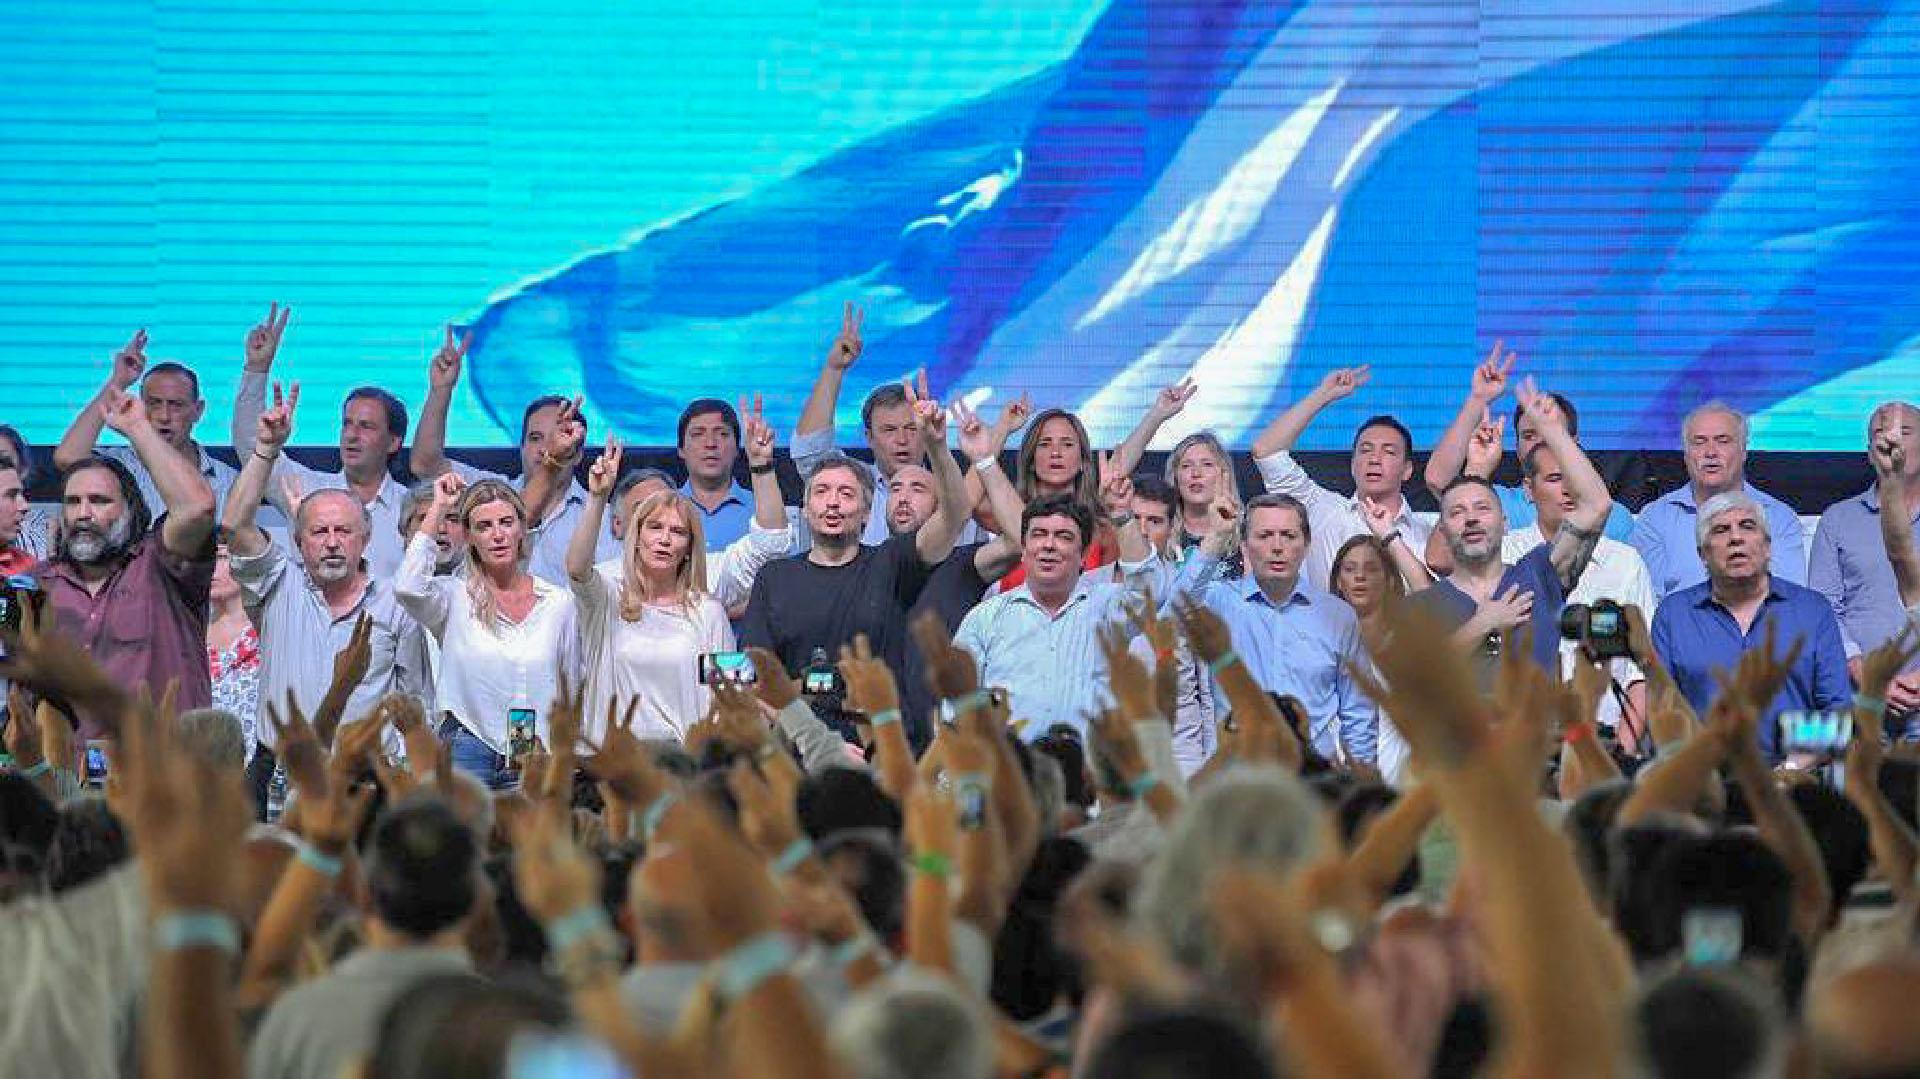 El Congreso del PJ tuvo lugar en el Polideportivo Alberto Balestrini en La Matanza (Nicolás Aboaf)